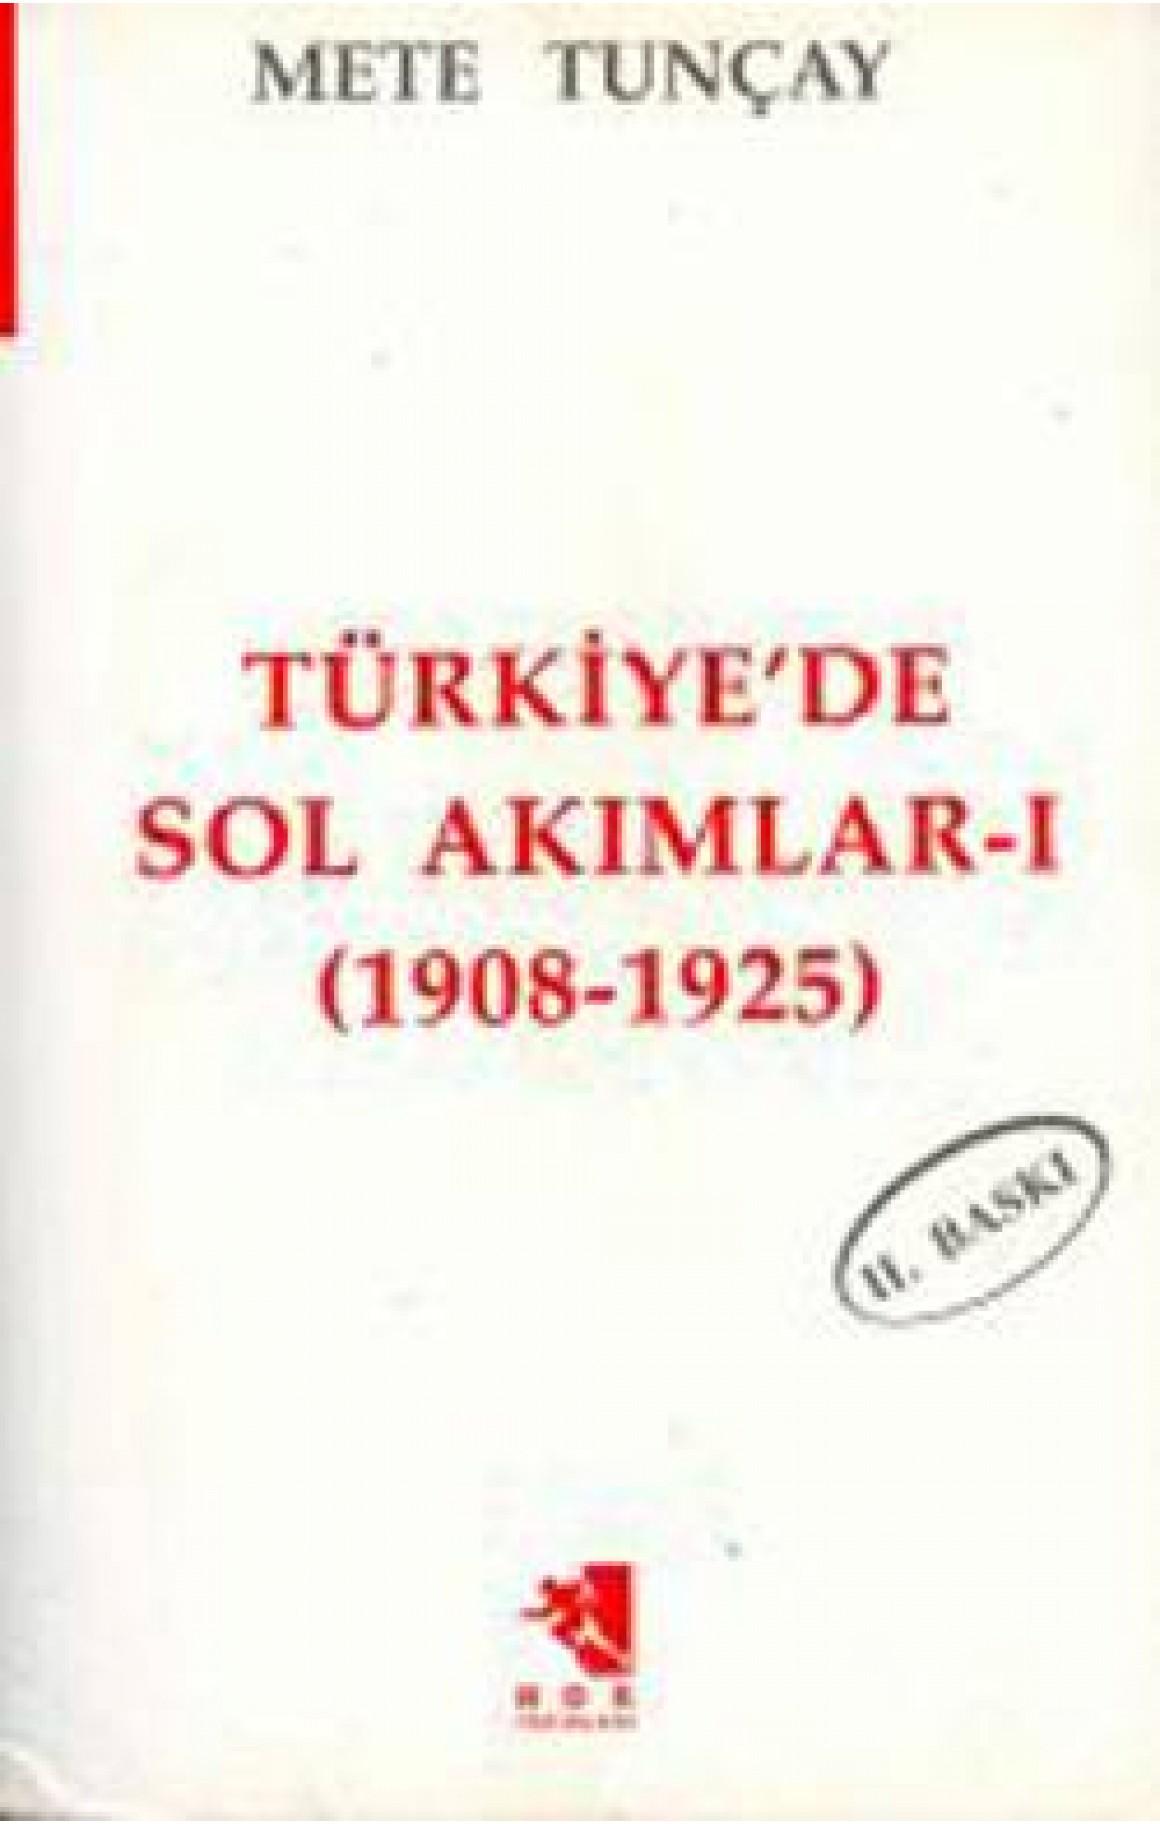 Türkiye'de Sol Akımlar 1908-1925 Cilt-1